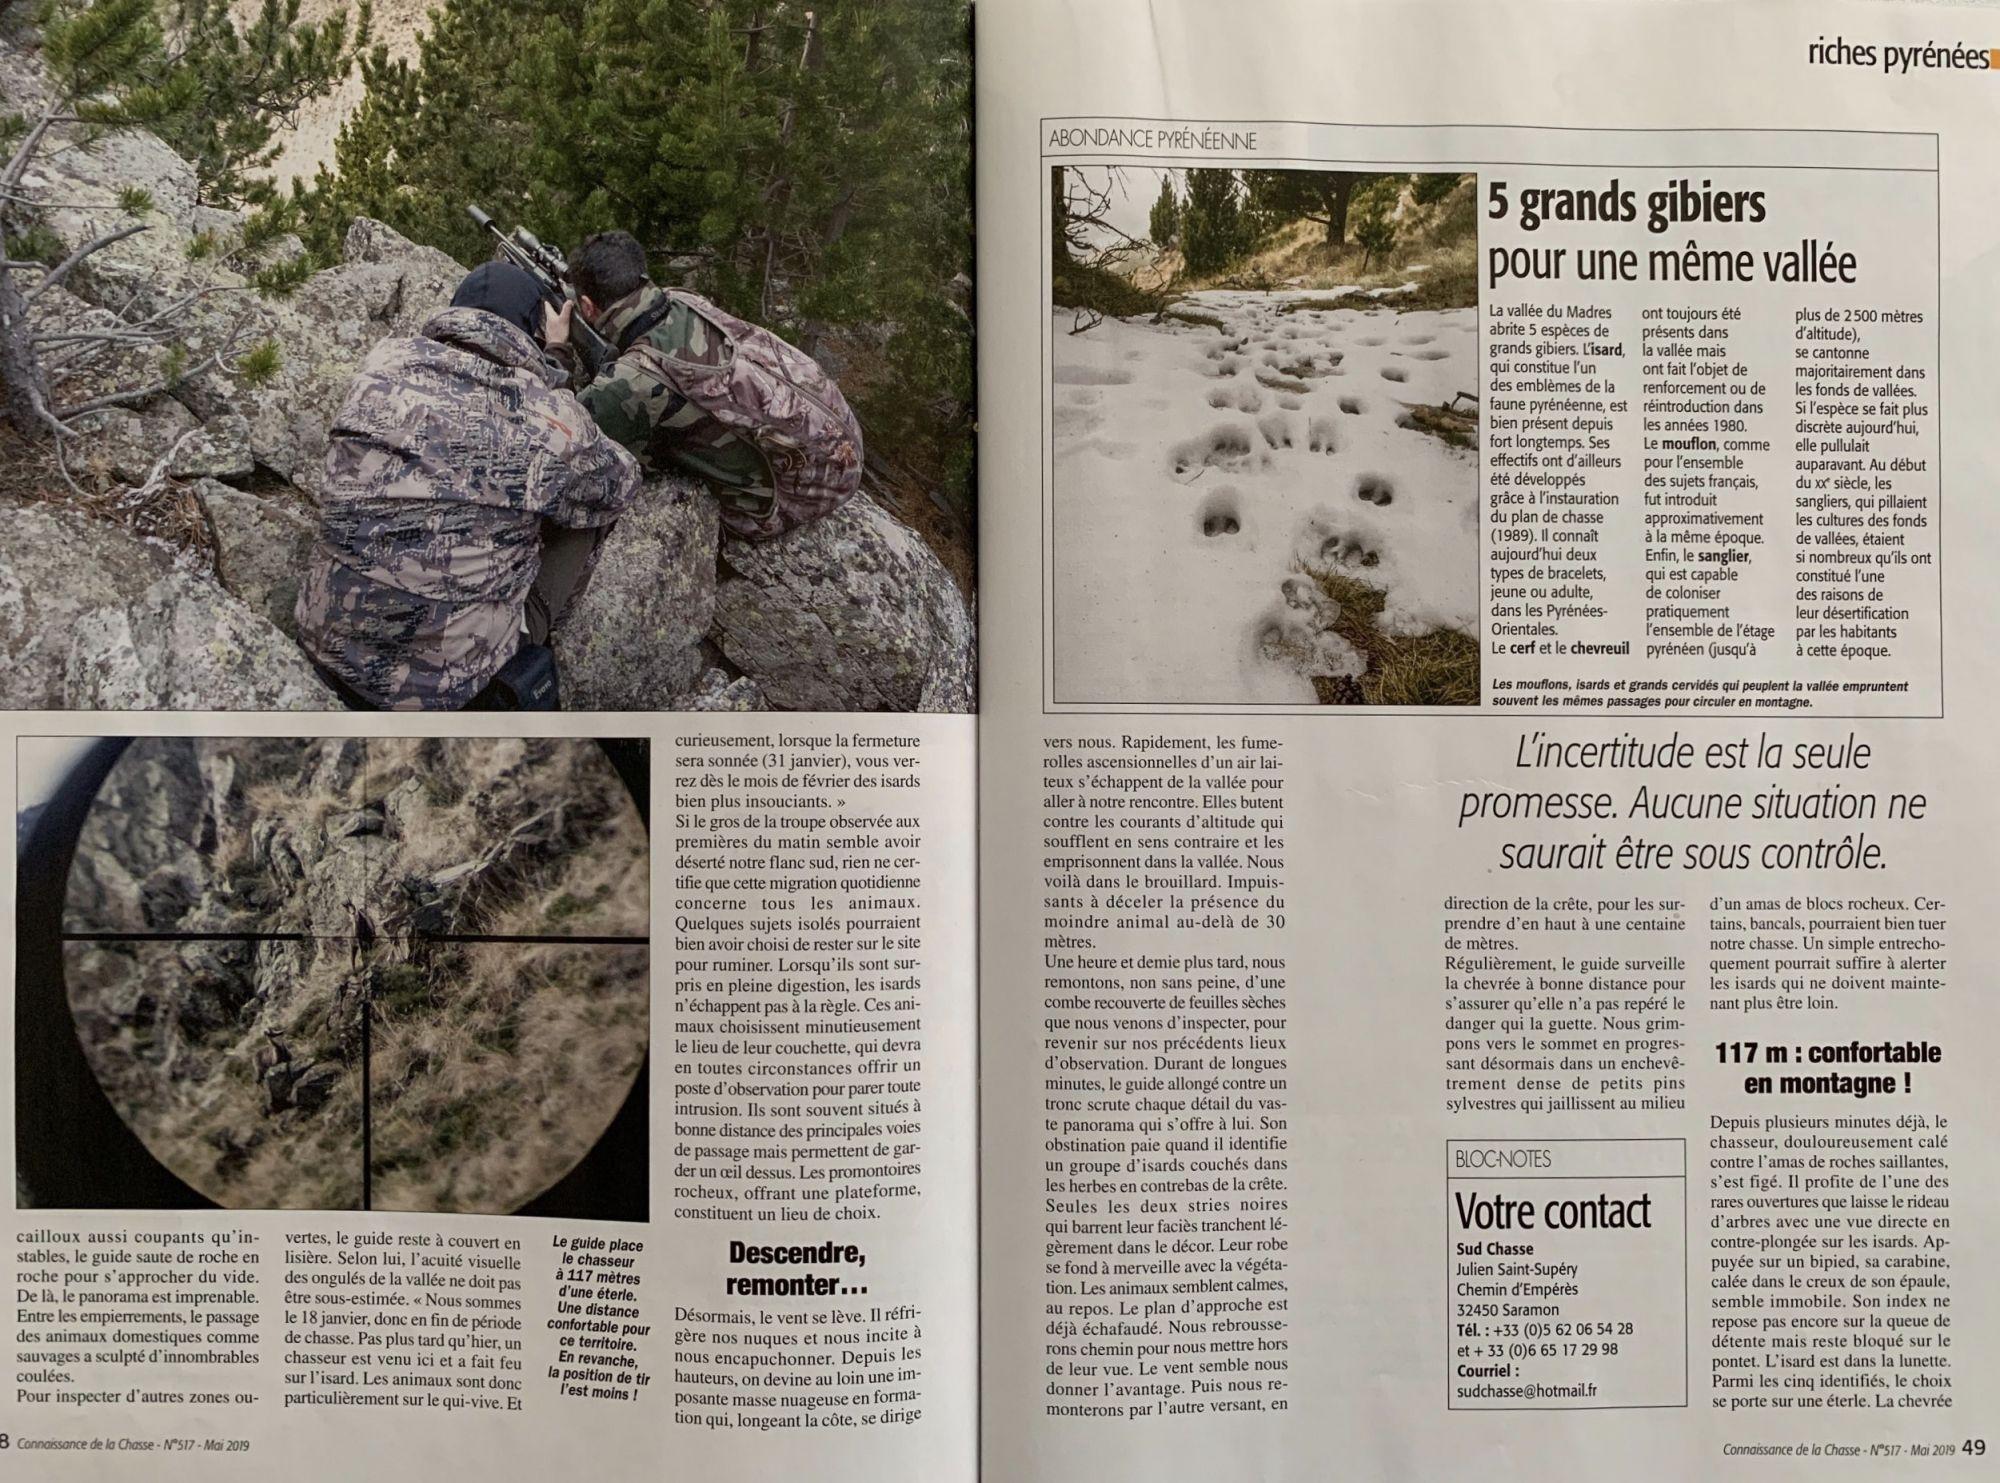 4 connaisance de la chasse mai 2019 n517